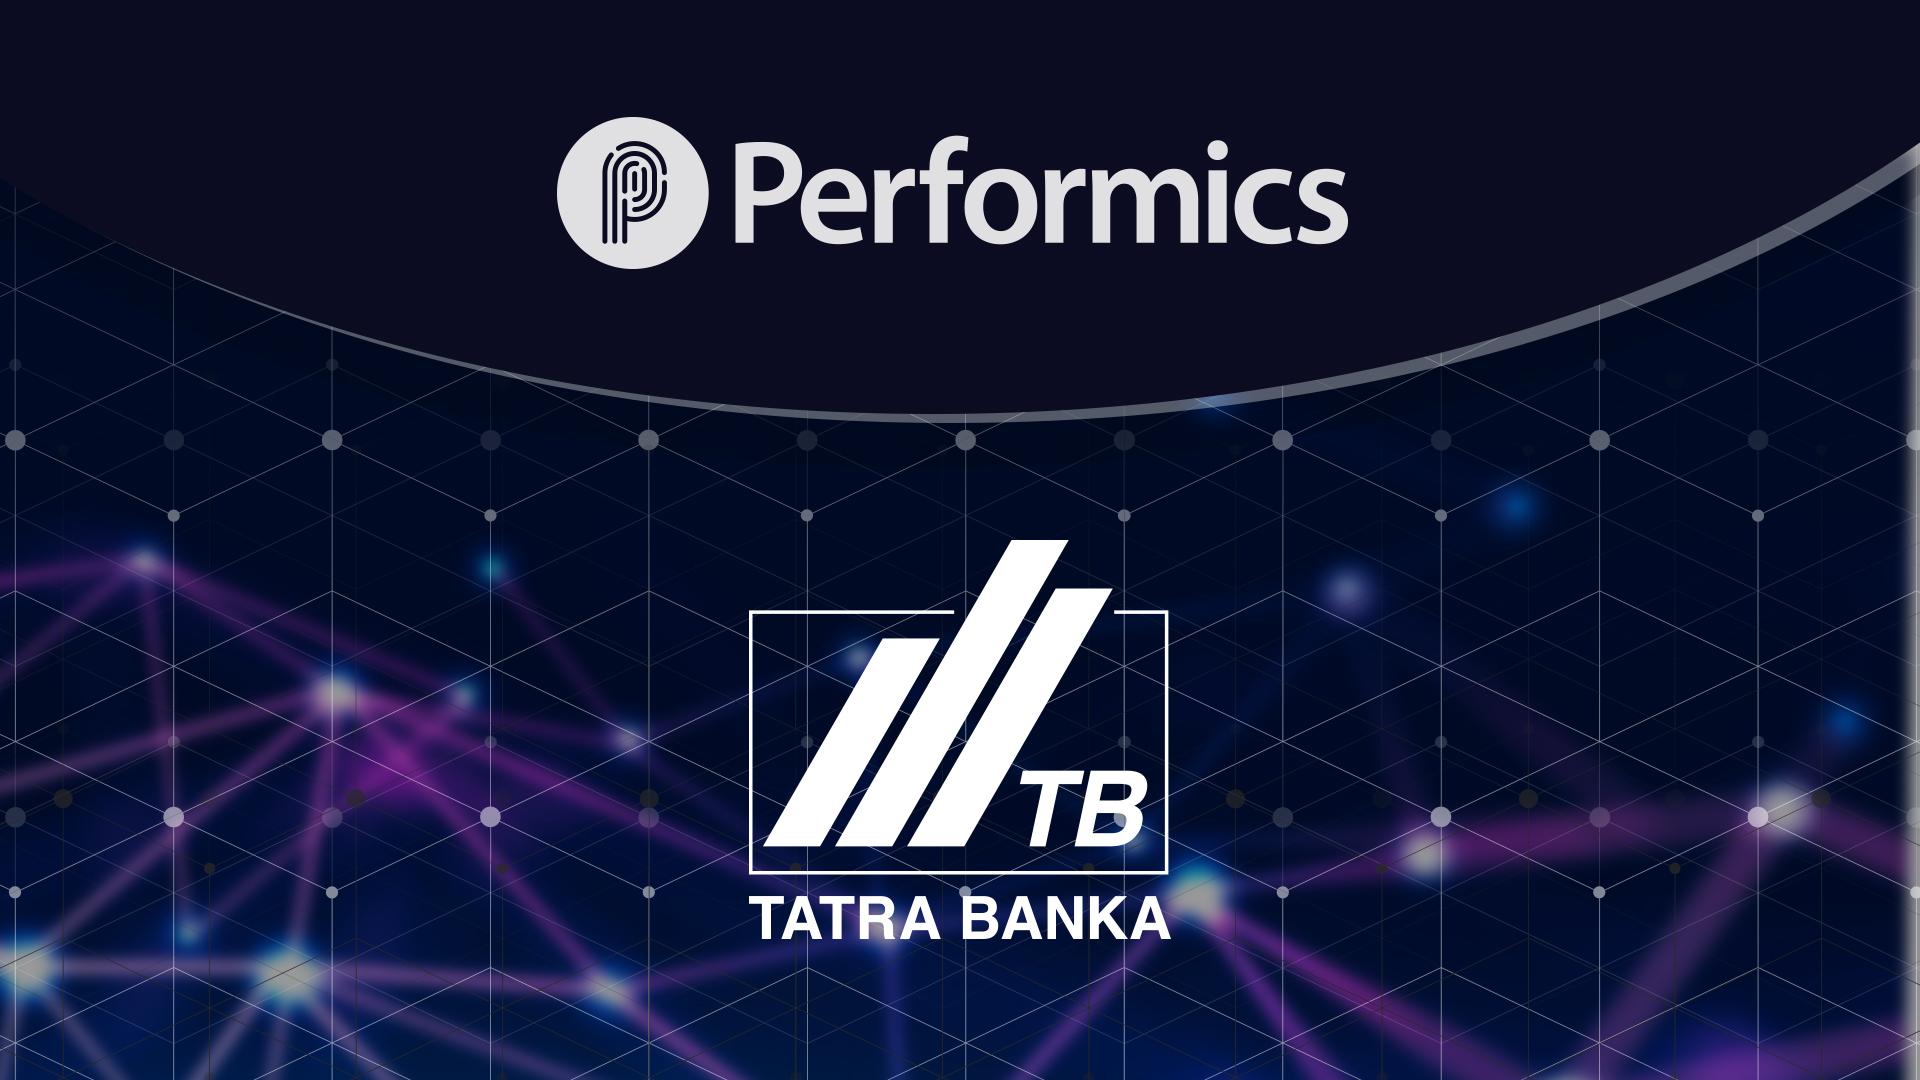 Case study: Performics a Tatra banka